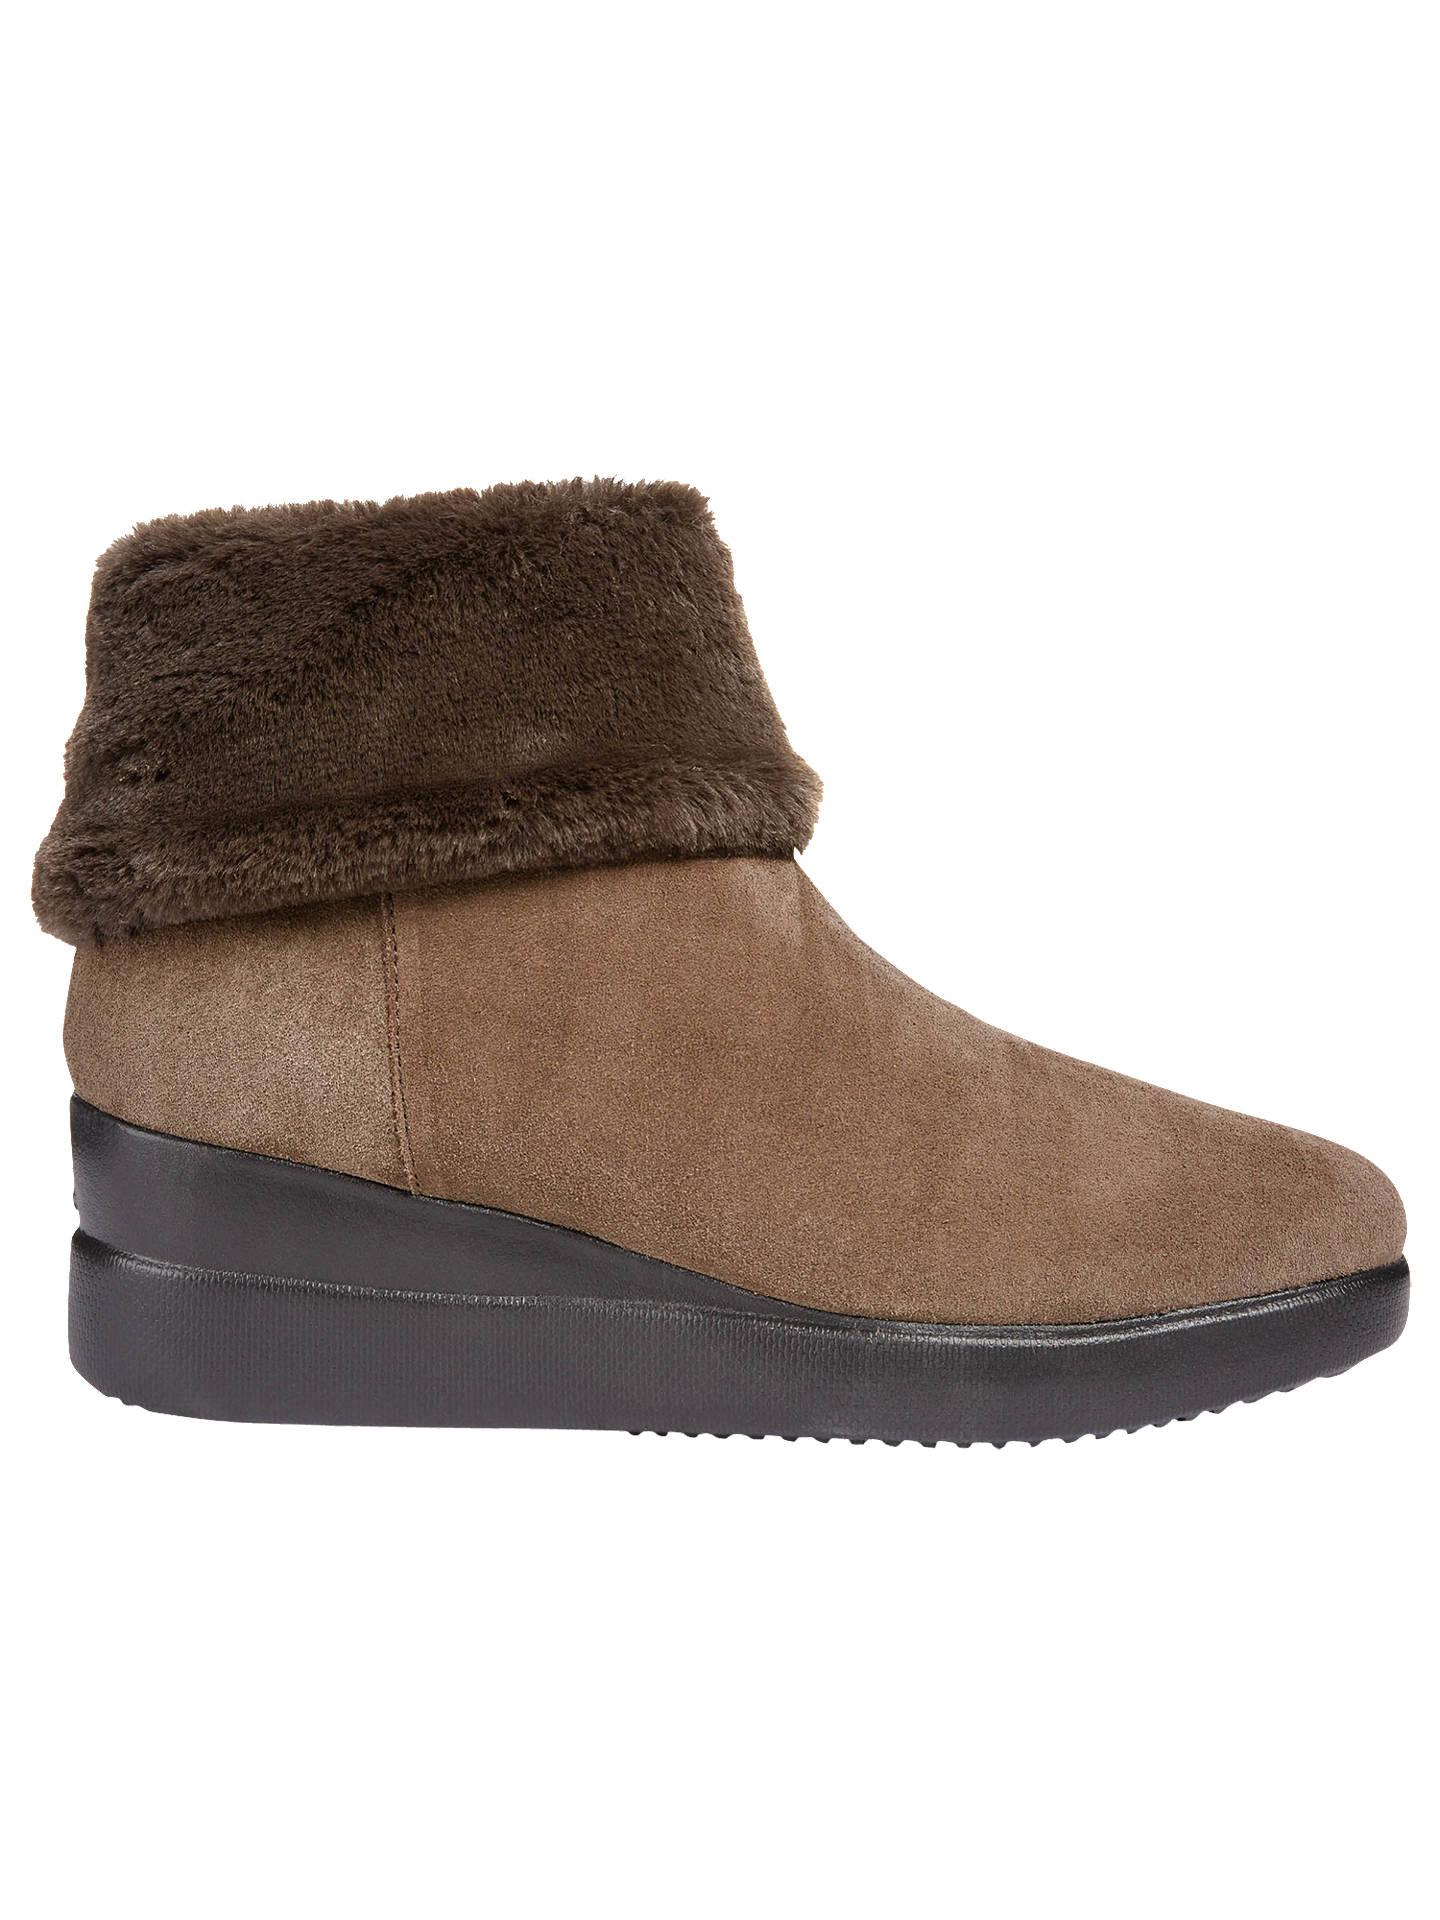 dca24ba391d47 Buy Geox Women's Stardust Wedge Heel Boots, Brown Suede, 3 Online at  johnlewis.